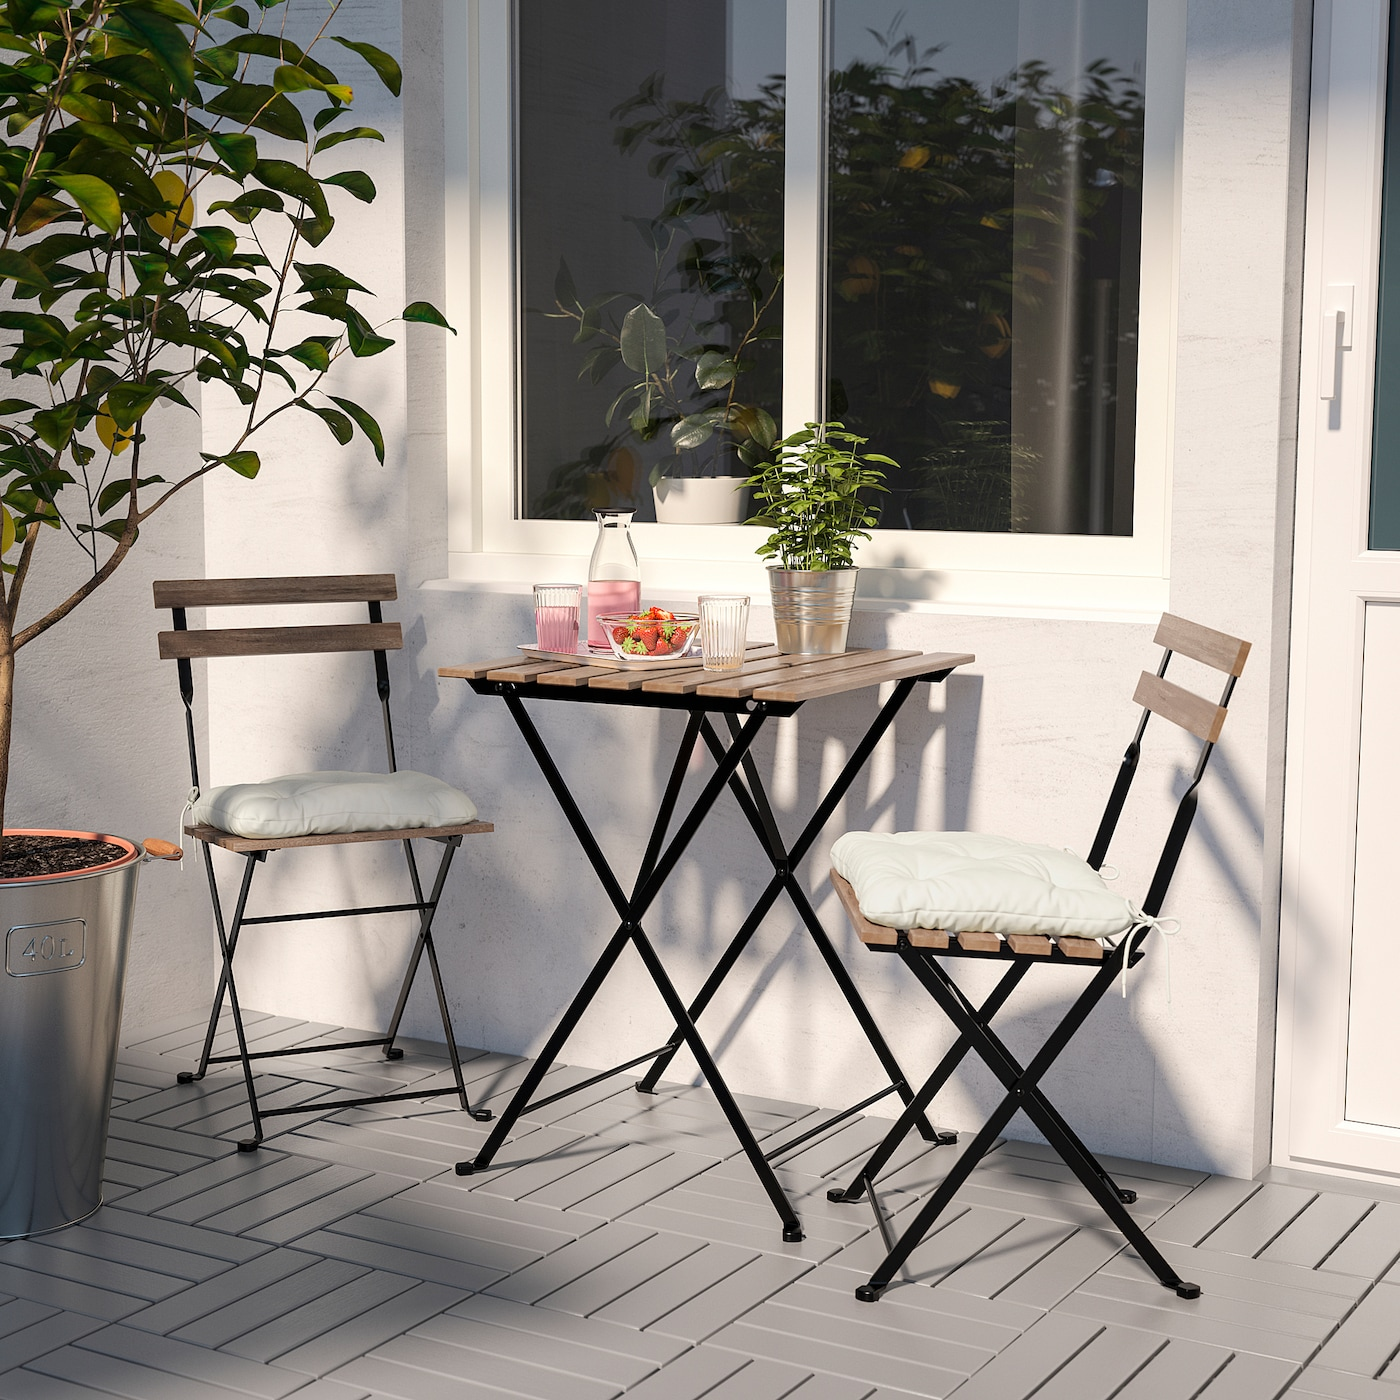 TÄRNÖ Tavolo da giardino nero acacia, acciaio mordente grigio tortora mordente marrone chiaro 55x54 cm